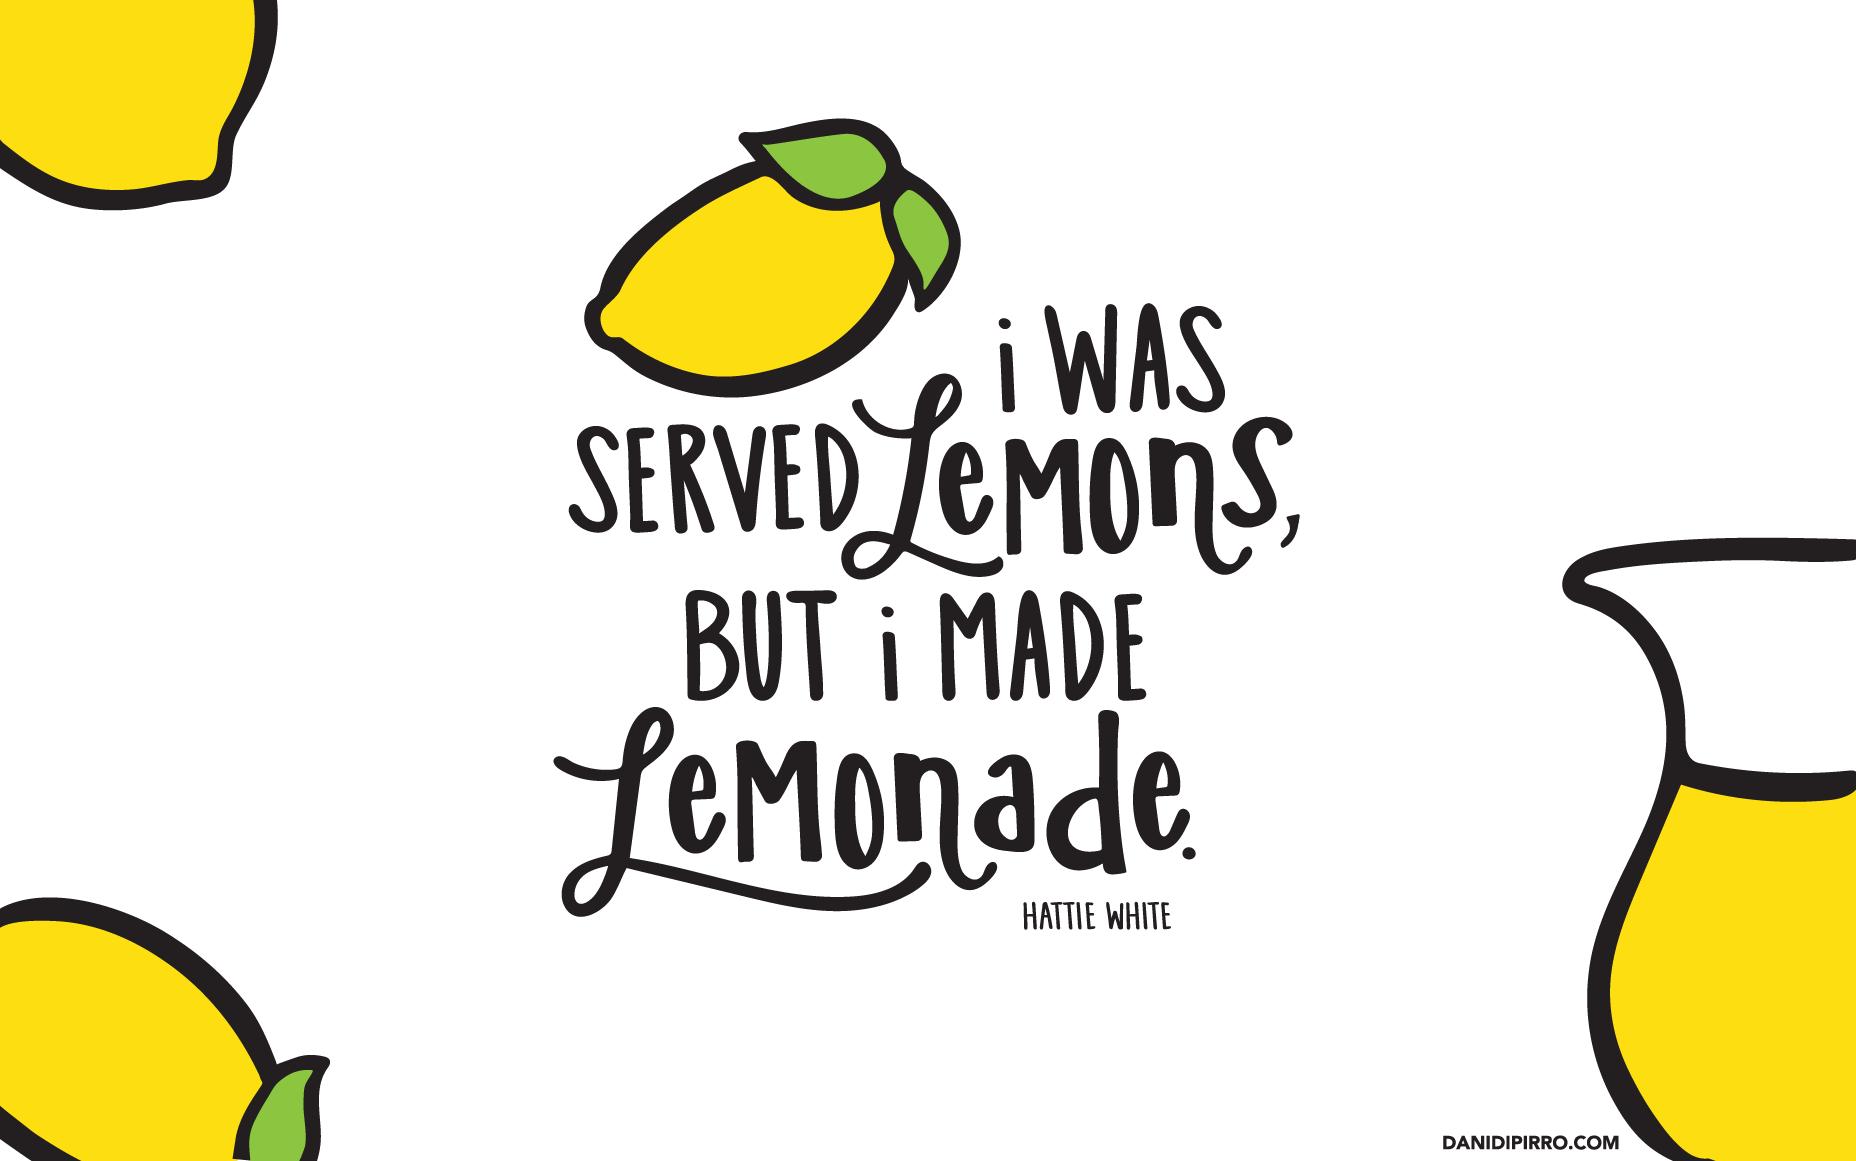 FREE Lemonade Desktop Background! Designed by Dani for DaniDiPirro.com